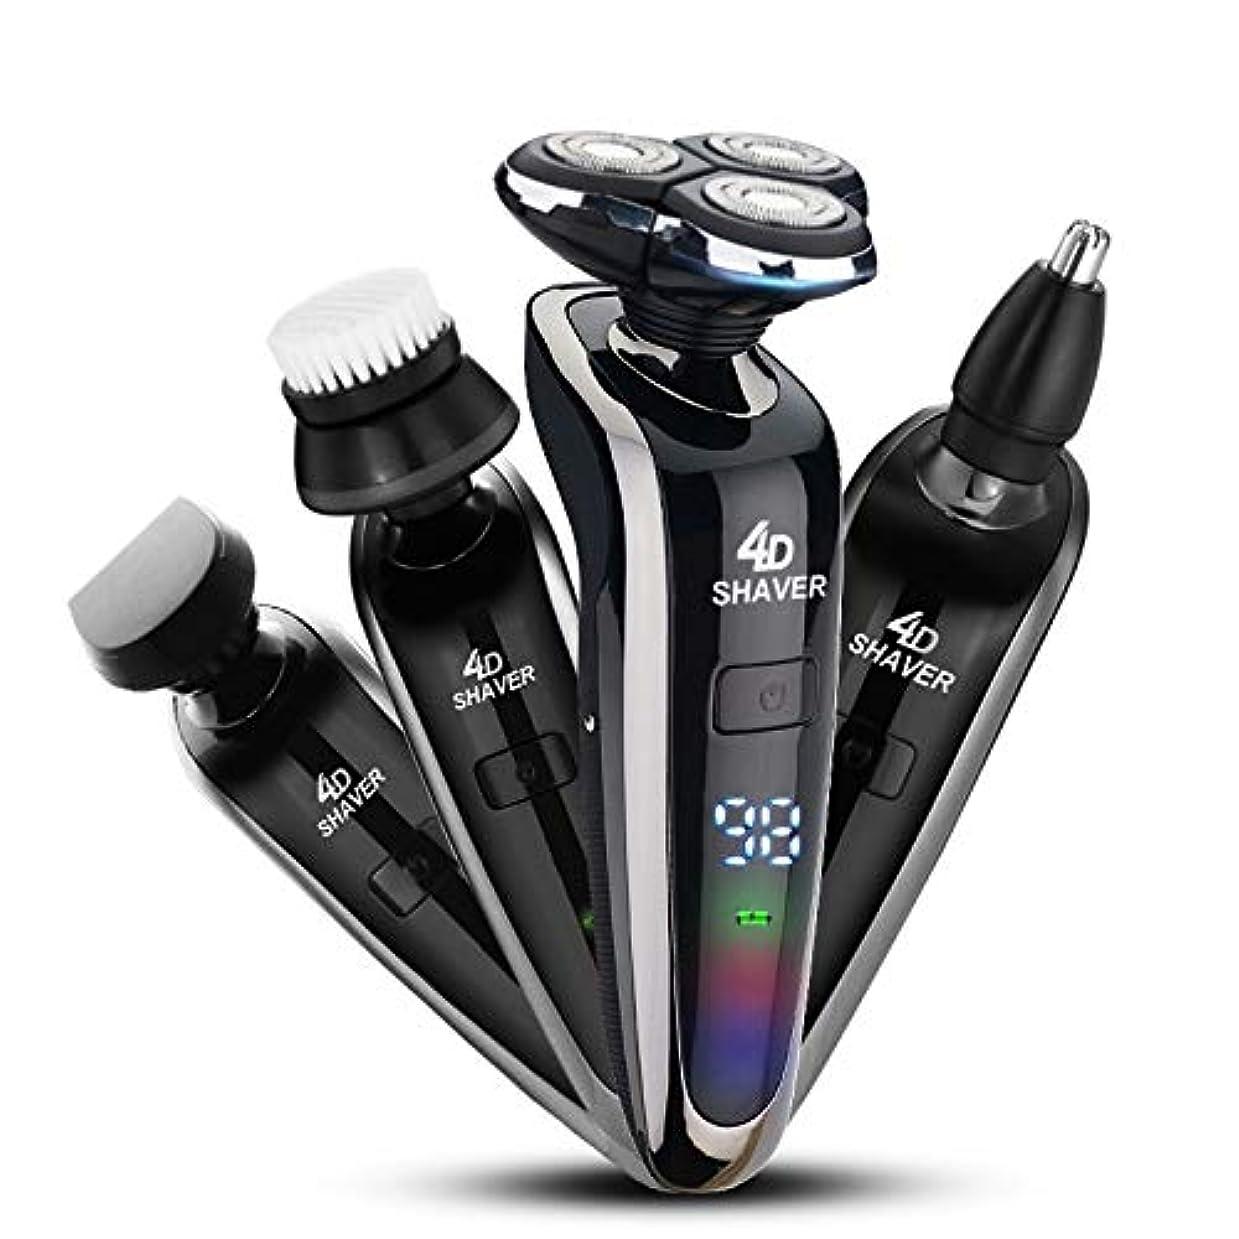 不十分なピクニックをする宿メンズ電気シェーバー 3枚刃 4 in 1髭剃り USB充電式 LEDディスプレイー お風呂剃り可能 トリマーと鼻毛カッター 洗顔ブラシ付き 防水仕様IPX基準 本体丸洗い可能